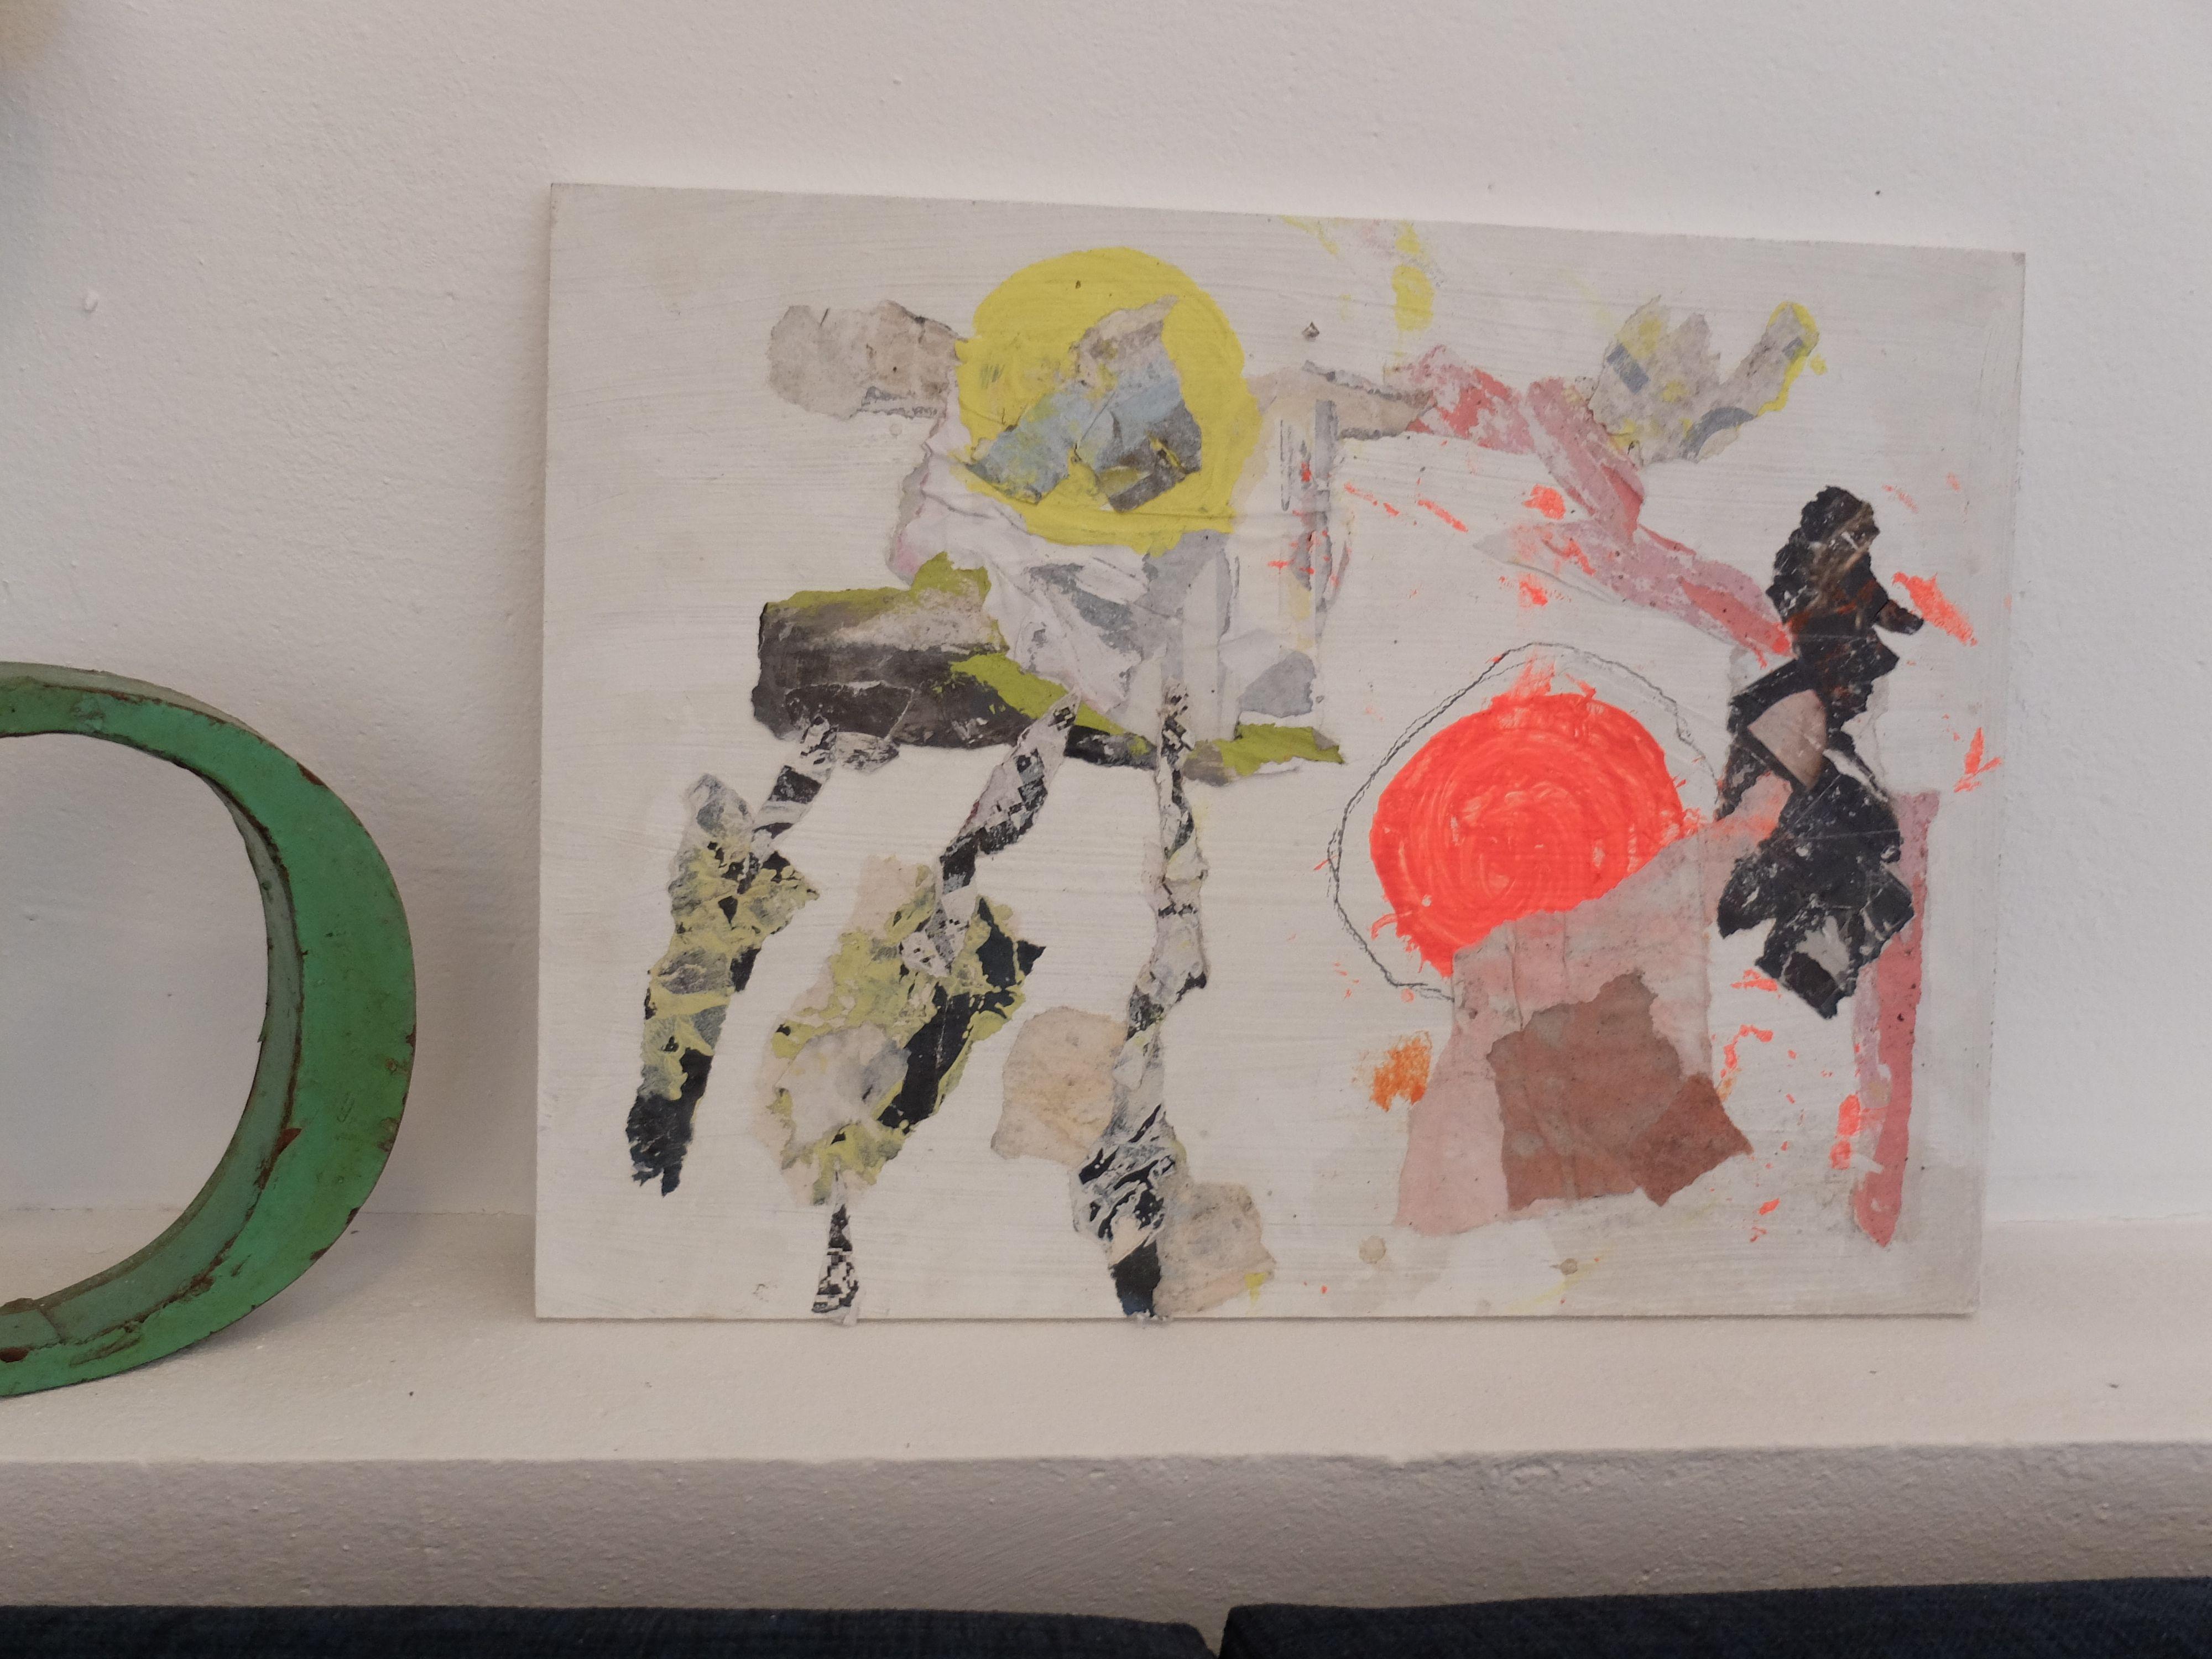 Mischtechnik Collage, Zeichnung, Acryl auf Holz Pia Danner